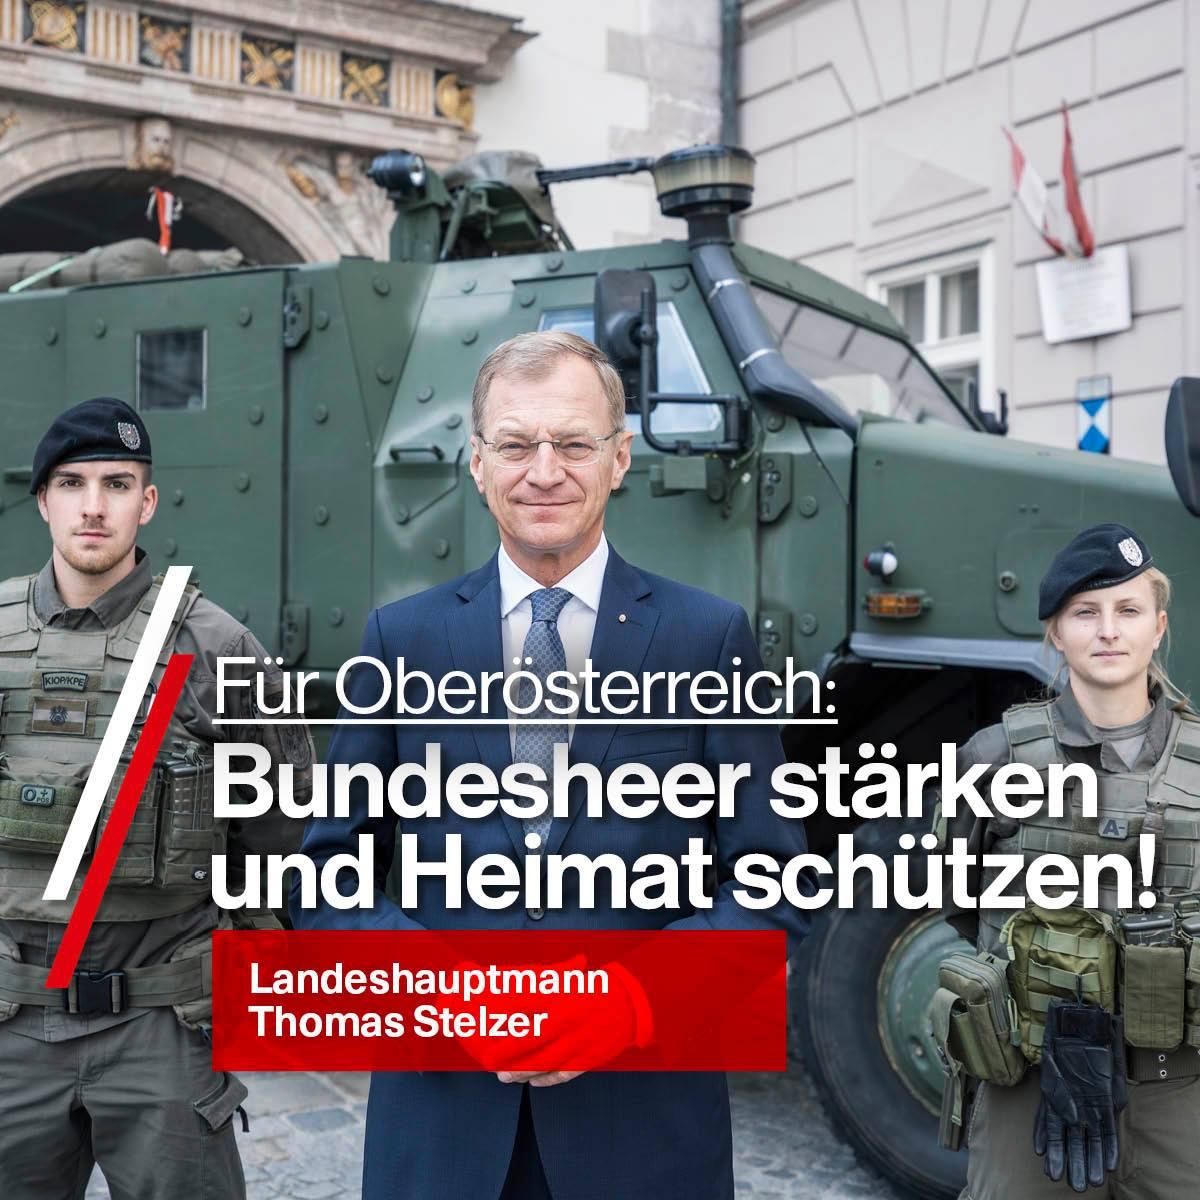 Bundesheer stärken - Heimat schützen.